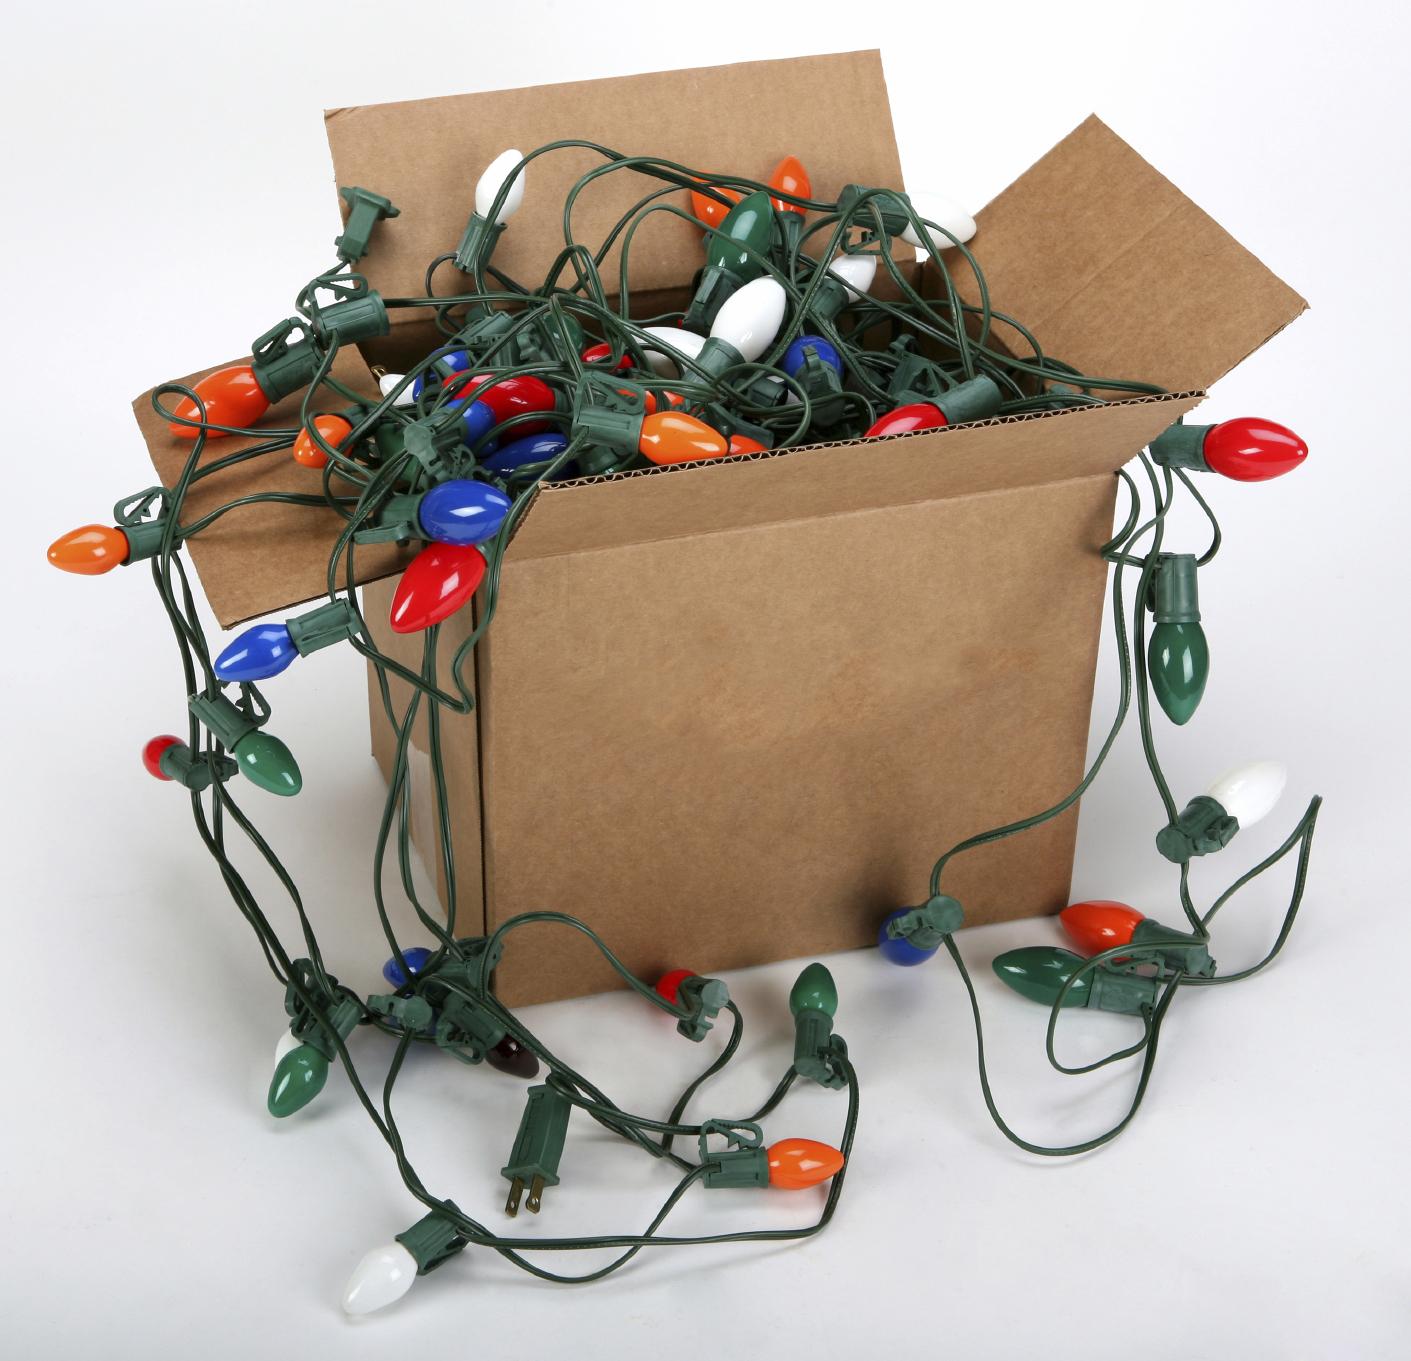 HHW_string_lights_in_box.jpg